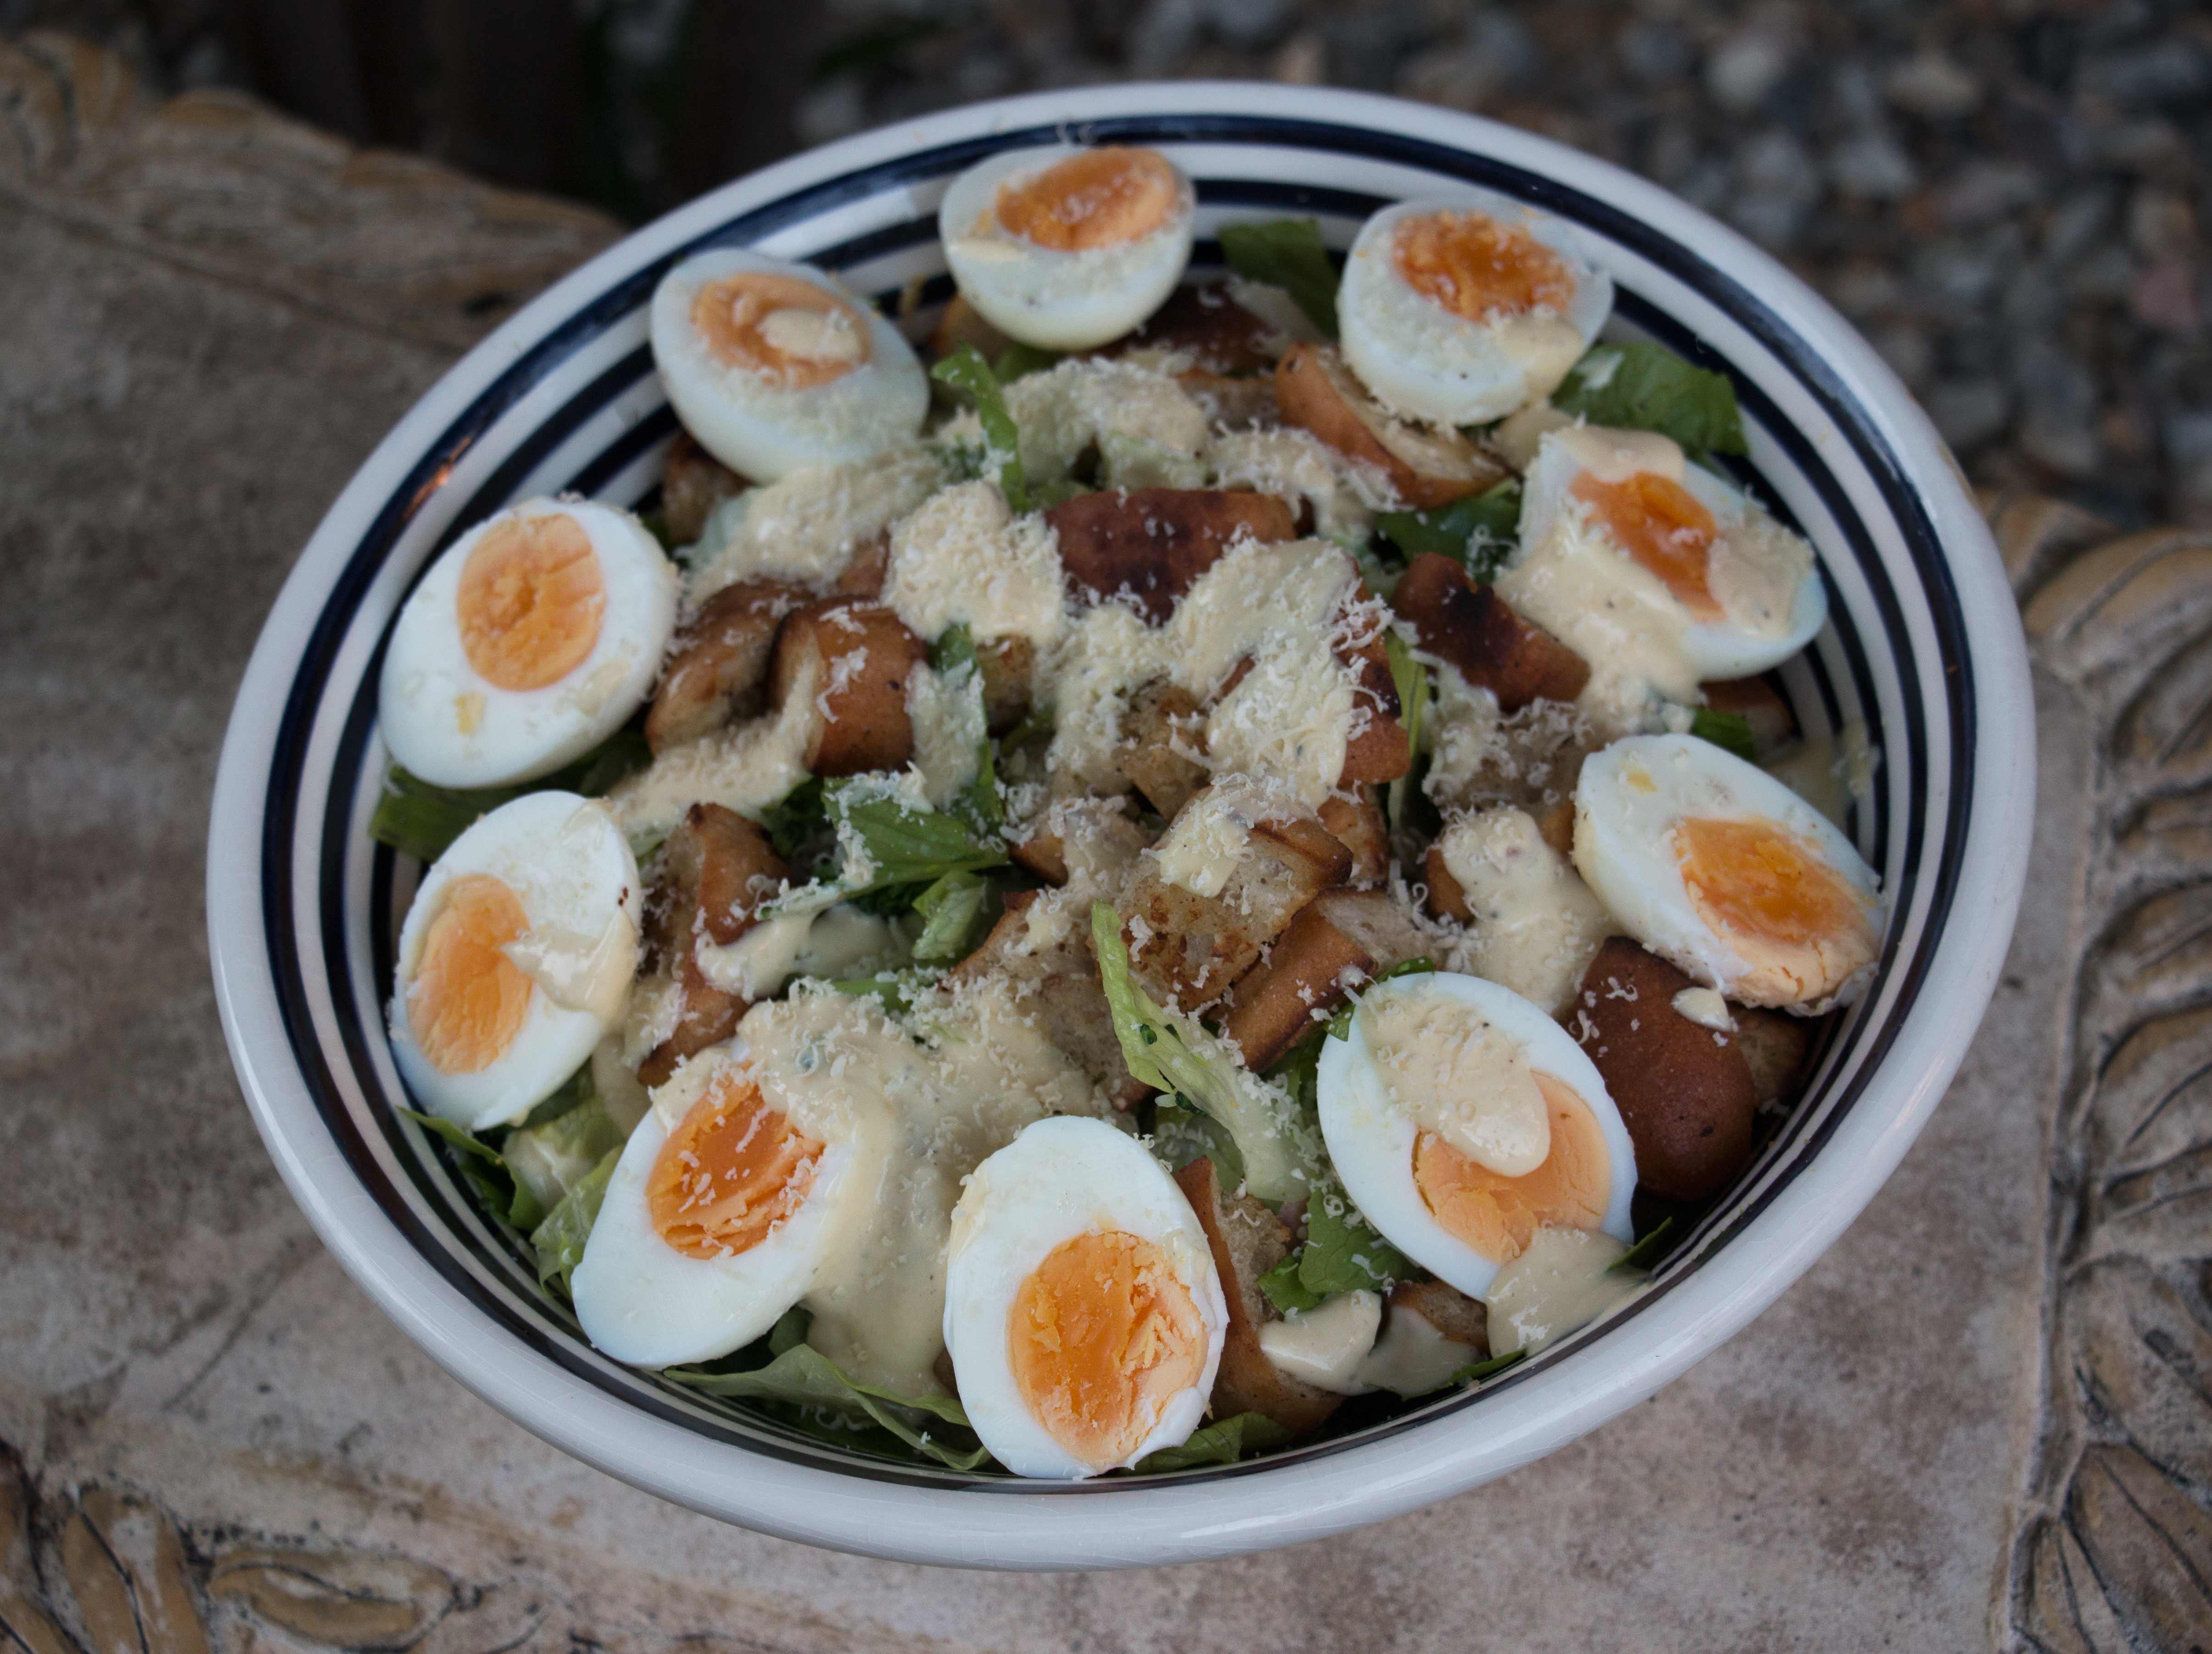 Broccoli Caesar salad